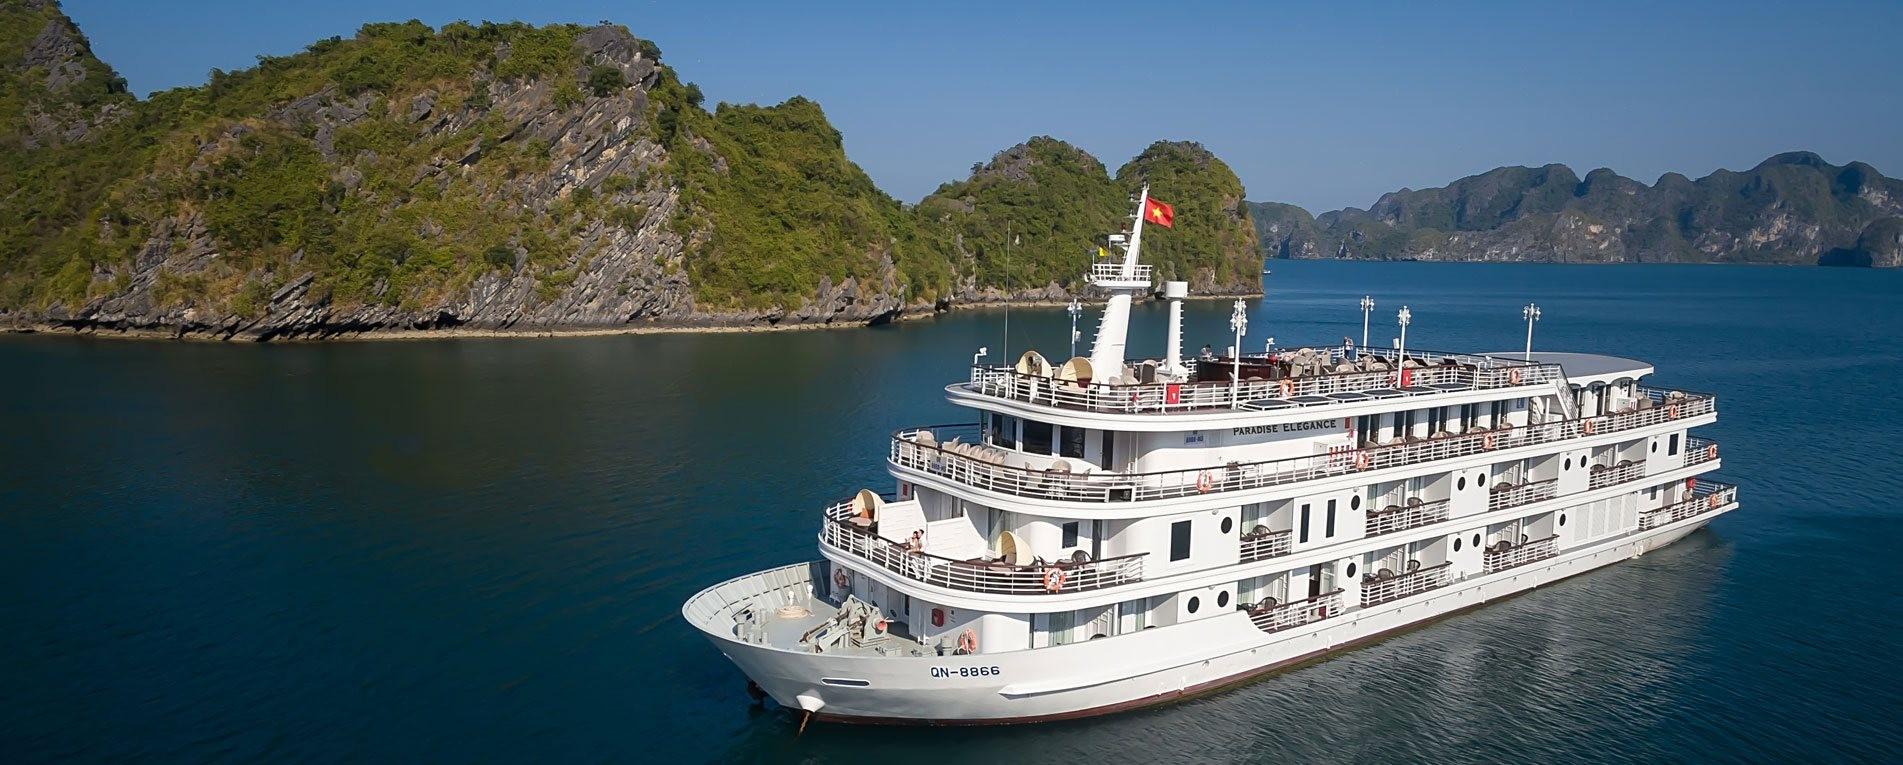 Paradise Cruise 5stars